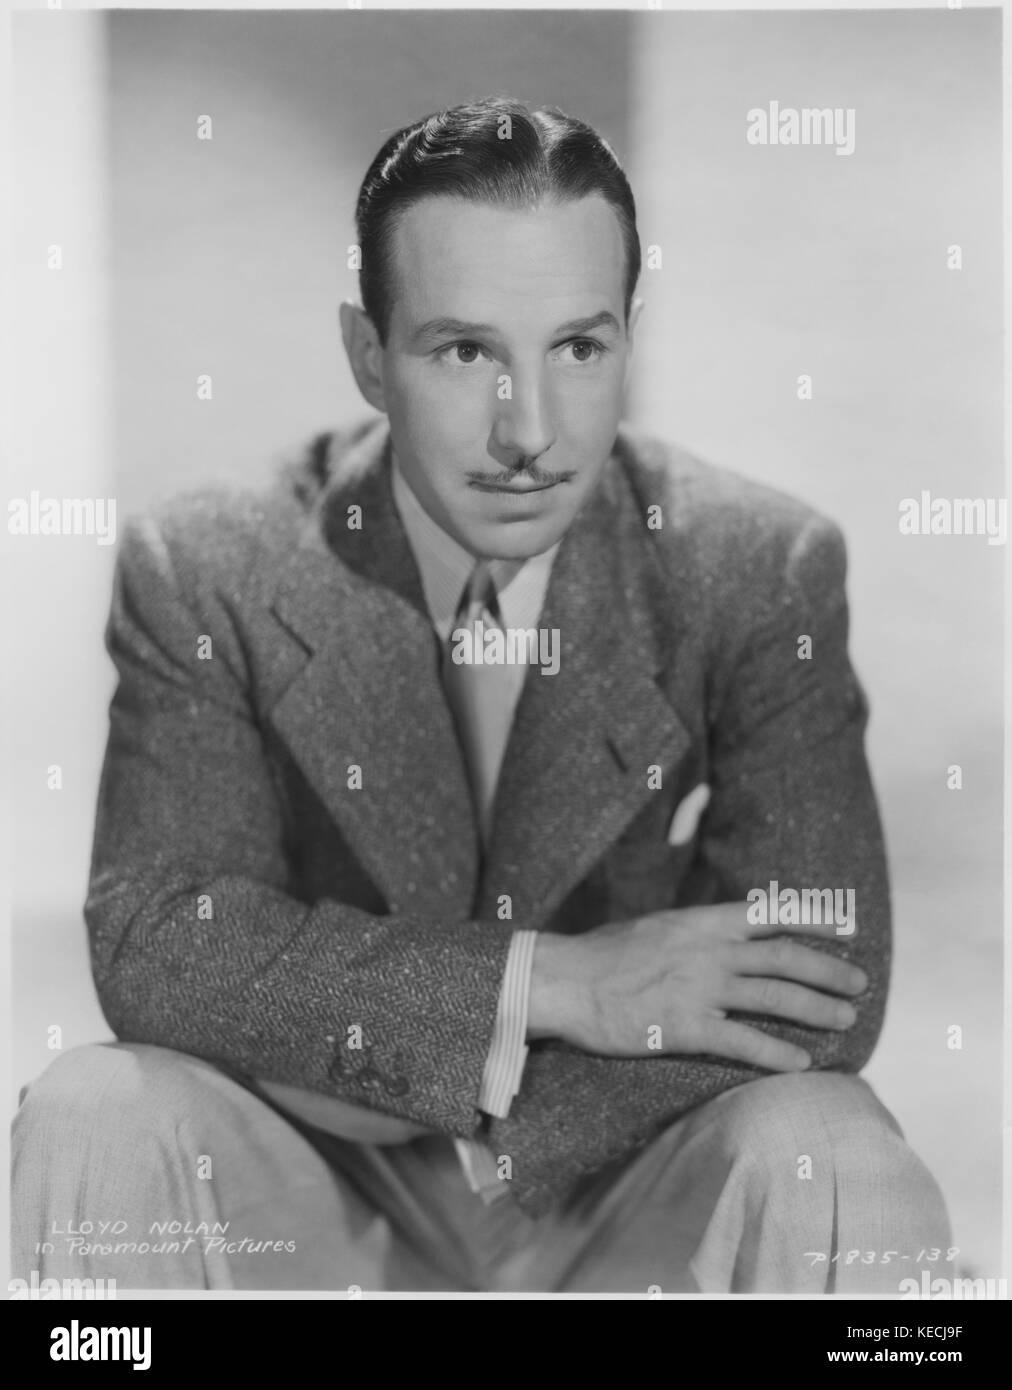 Actor Lloyd Nolan, Publicity Portrait, Paramount Pictures, 1939 - Stock Image